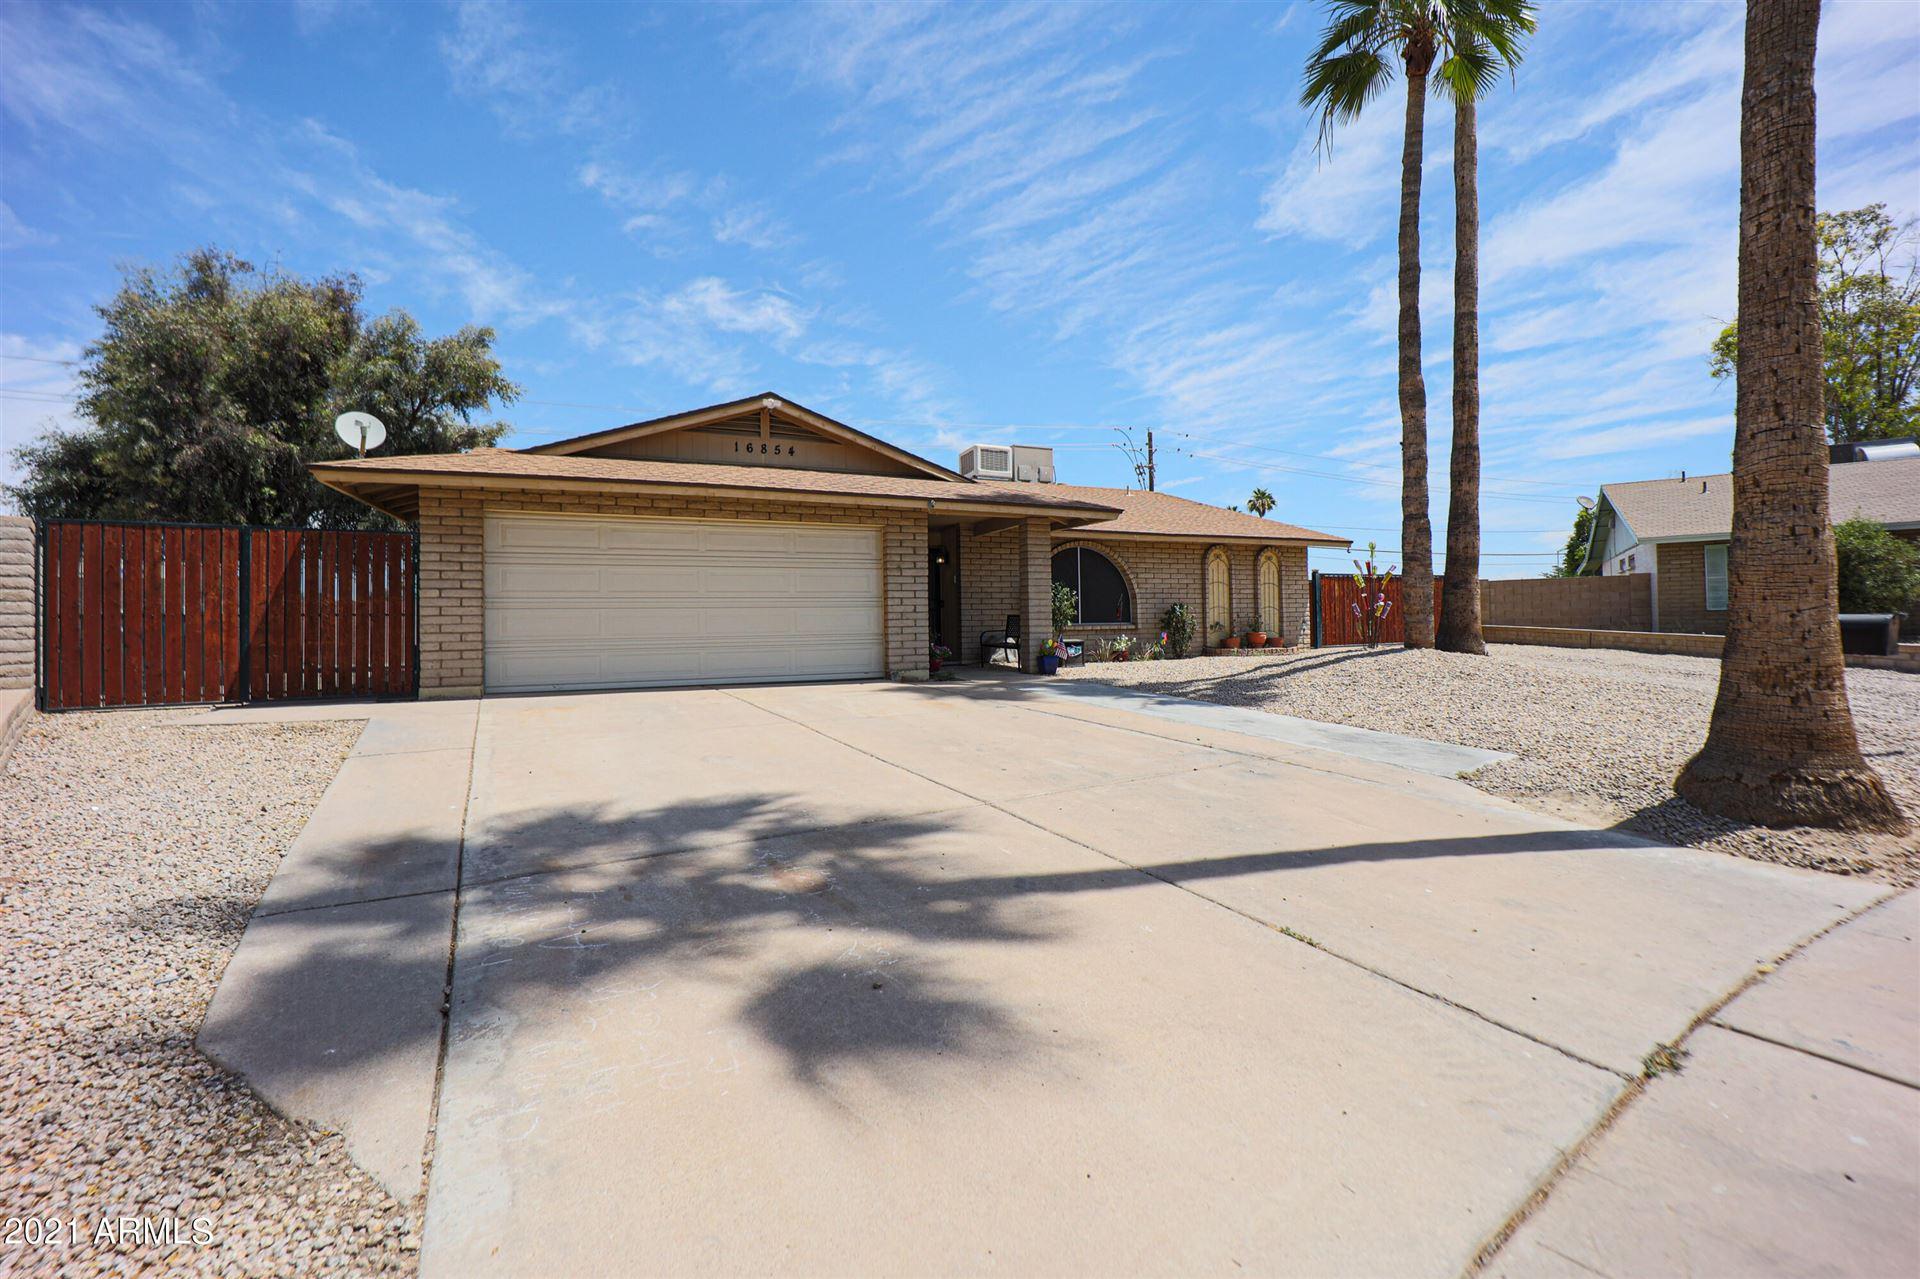 16854 N 38th Lane, Phoenix, AZ 85053 - MLS#: 6249173